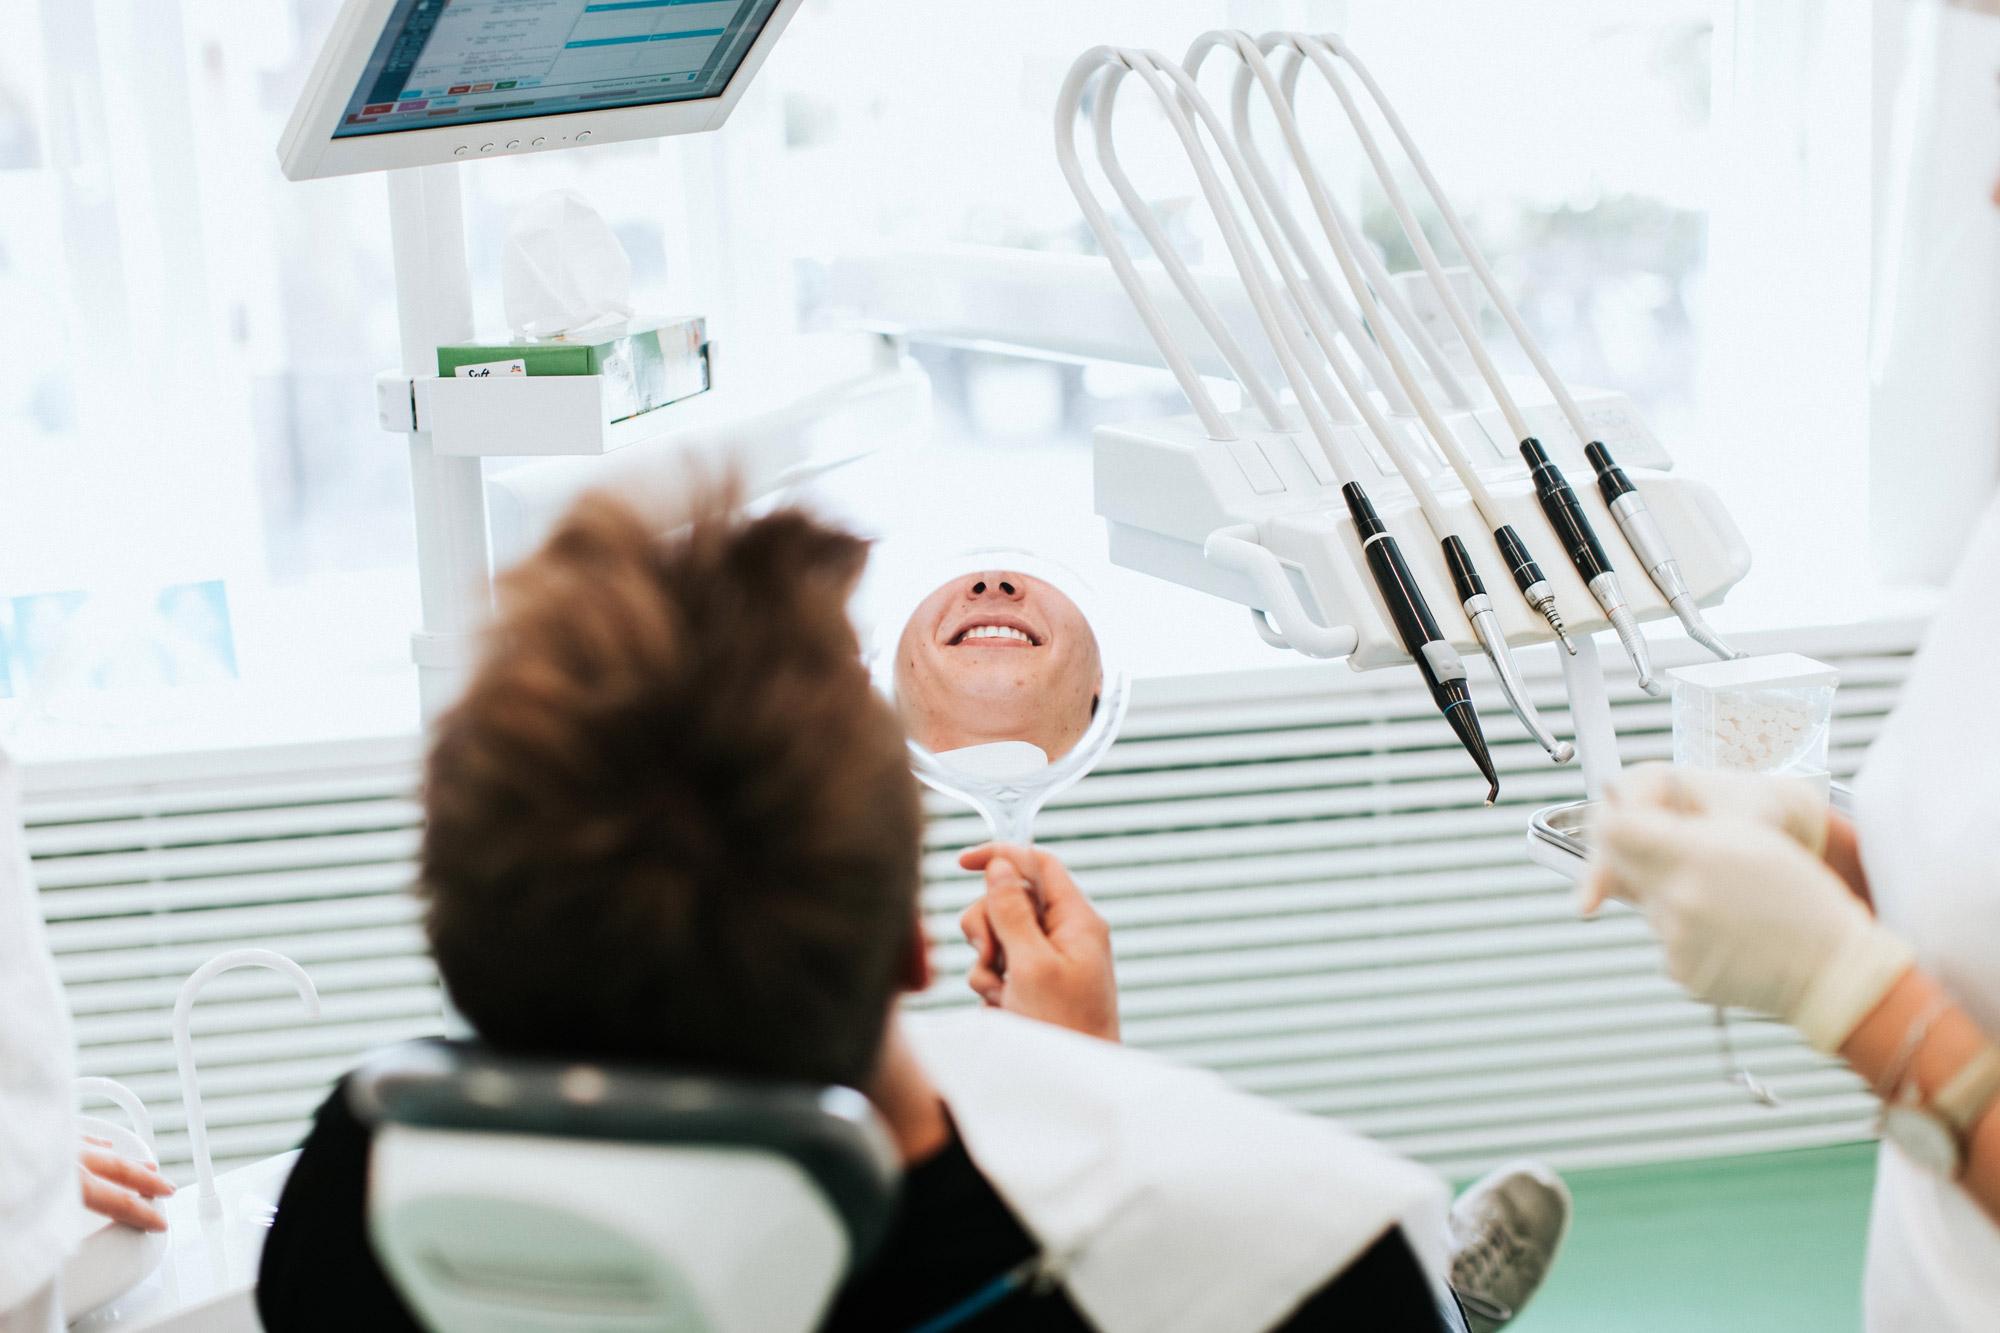 osmijeh pacijenta koji izbjeljuje zube u ogledalu